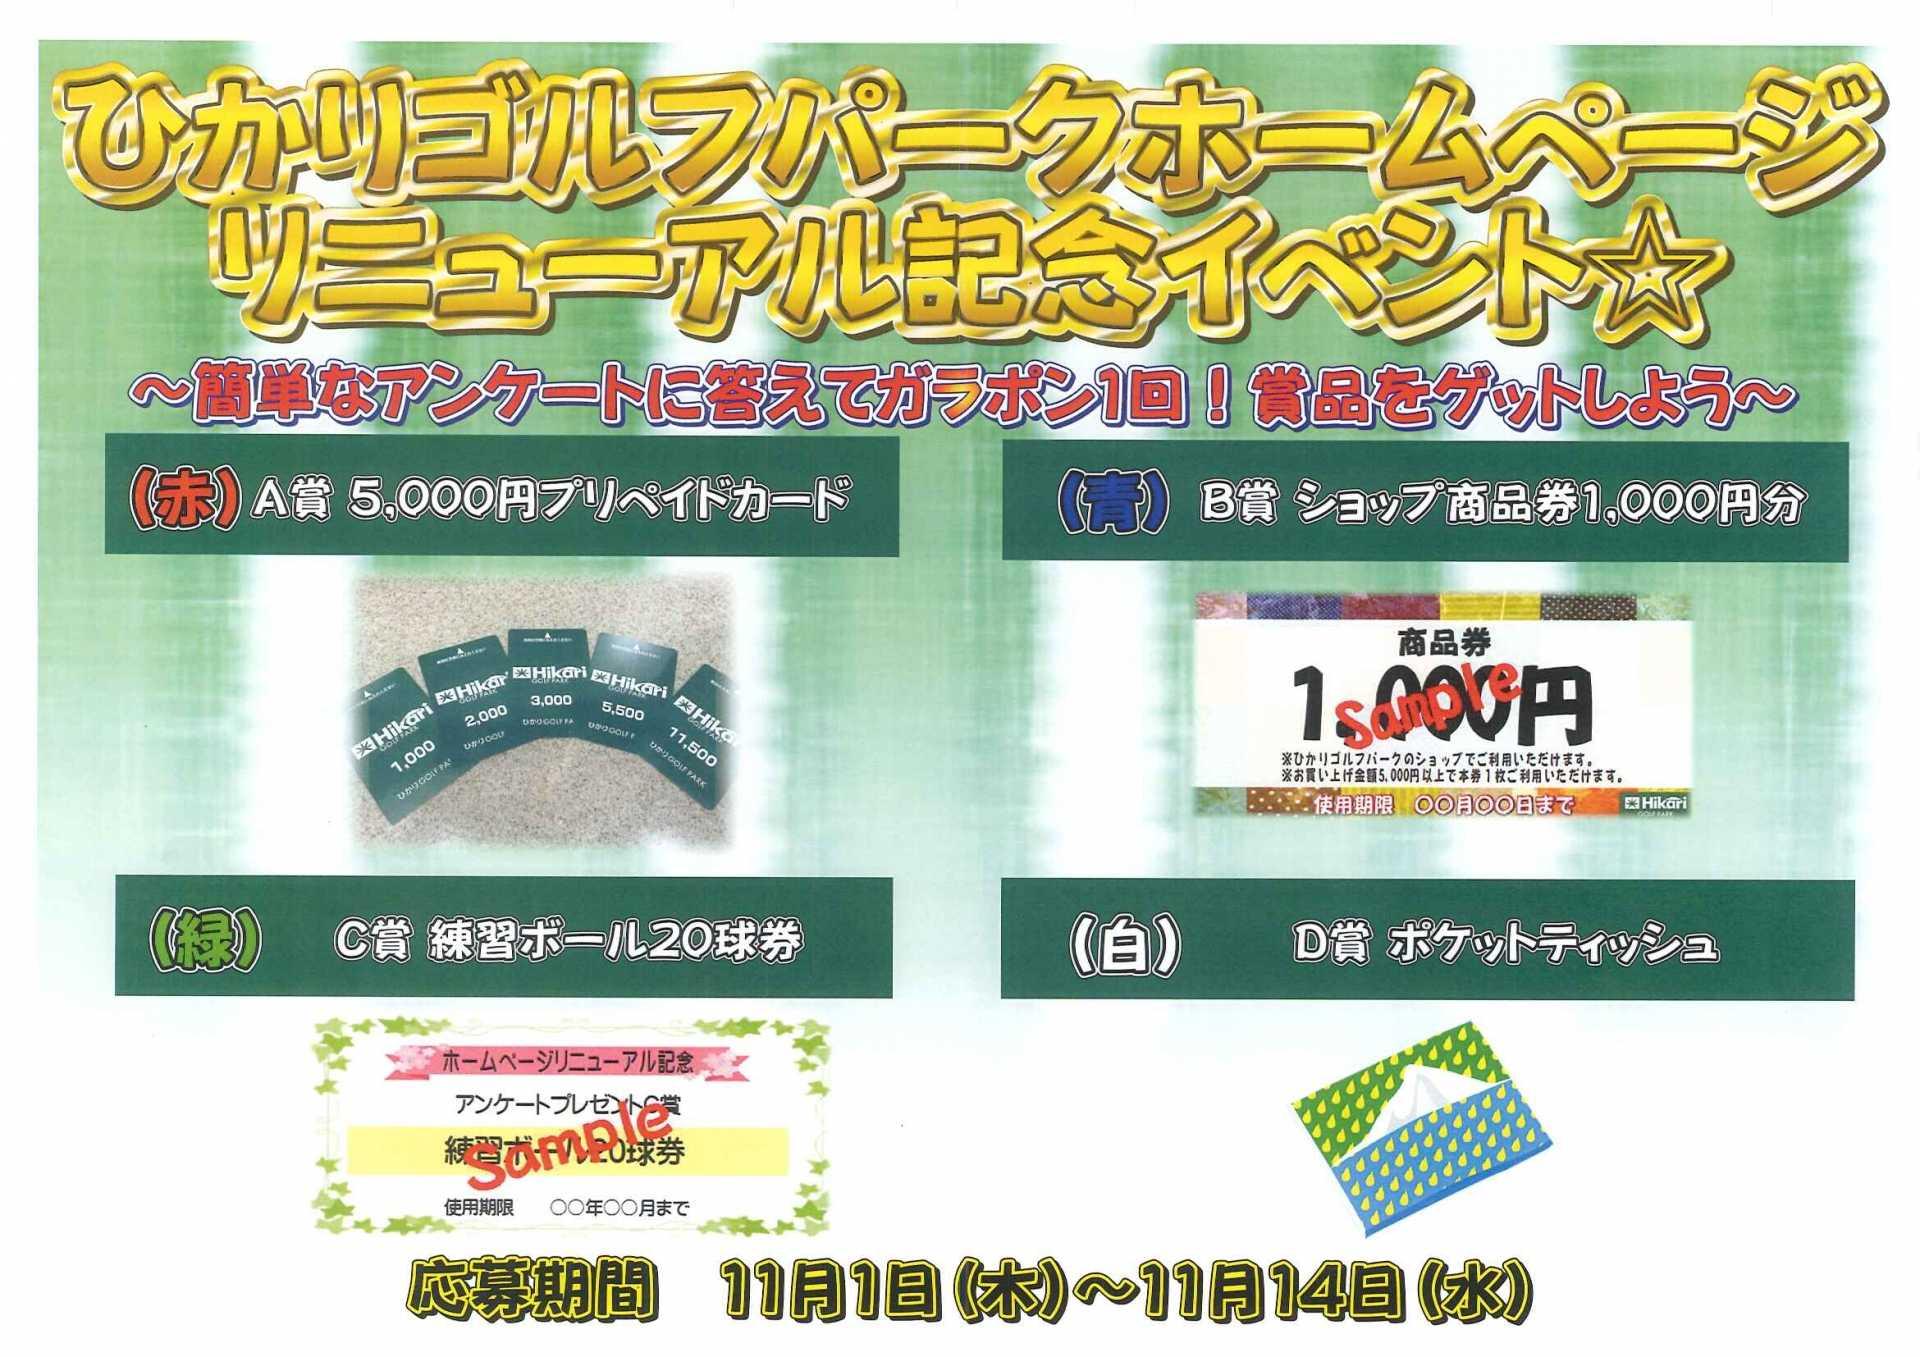 ホームページリニューアル記念イベント★